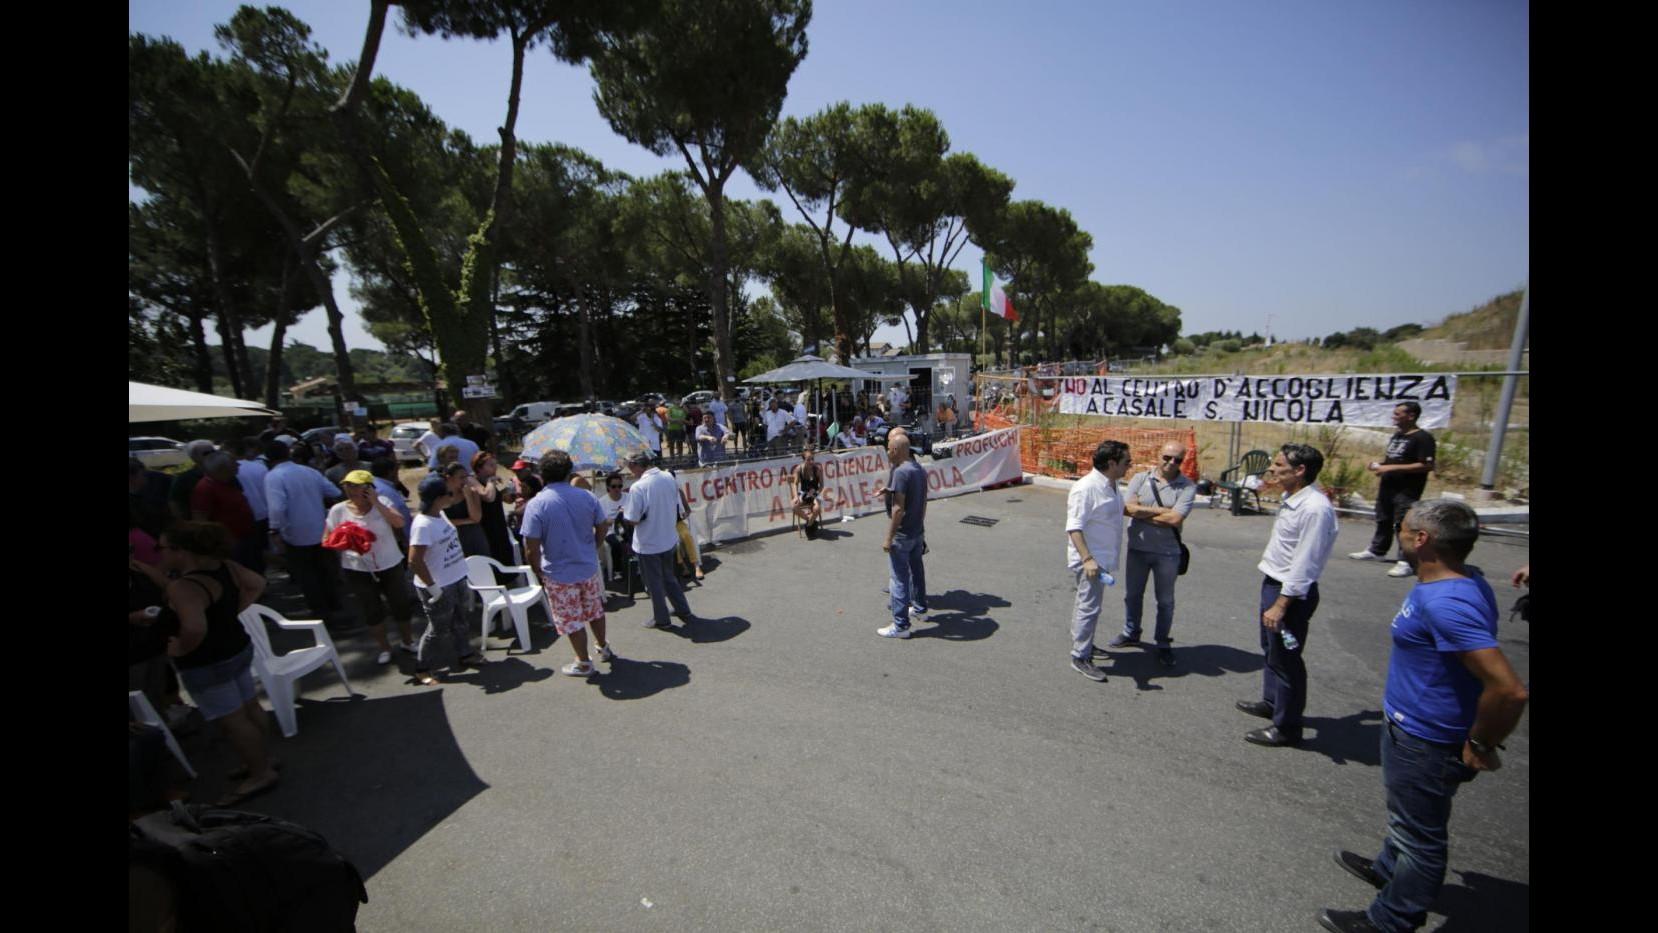 Roma, Fiano (Pd): Solidarietà ad agenti, colpa di chi specula su paura